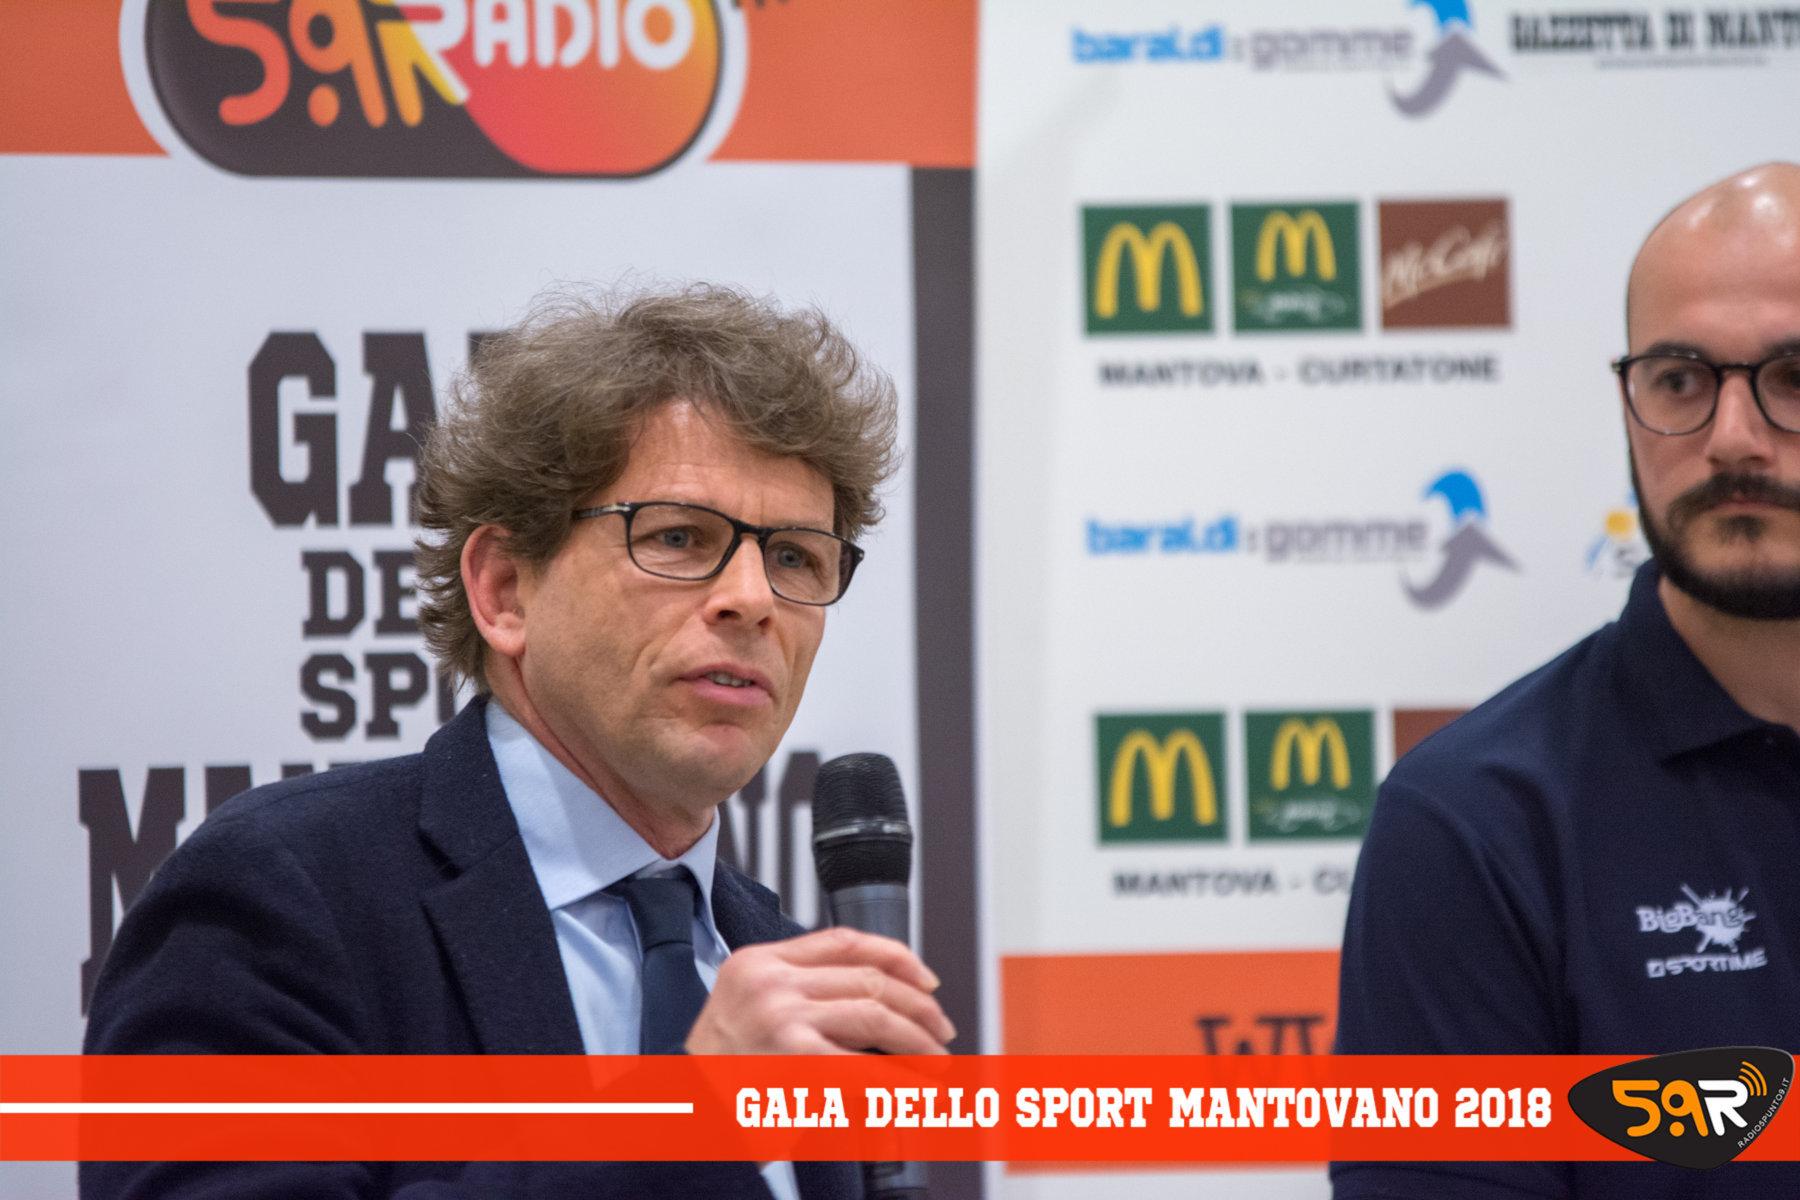 Gala dello Sport Mantovano 2018 Web Radio 5 (106)